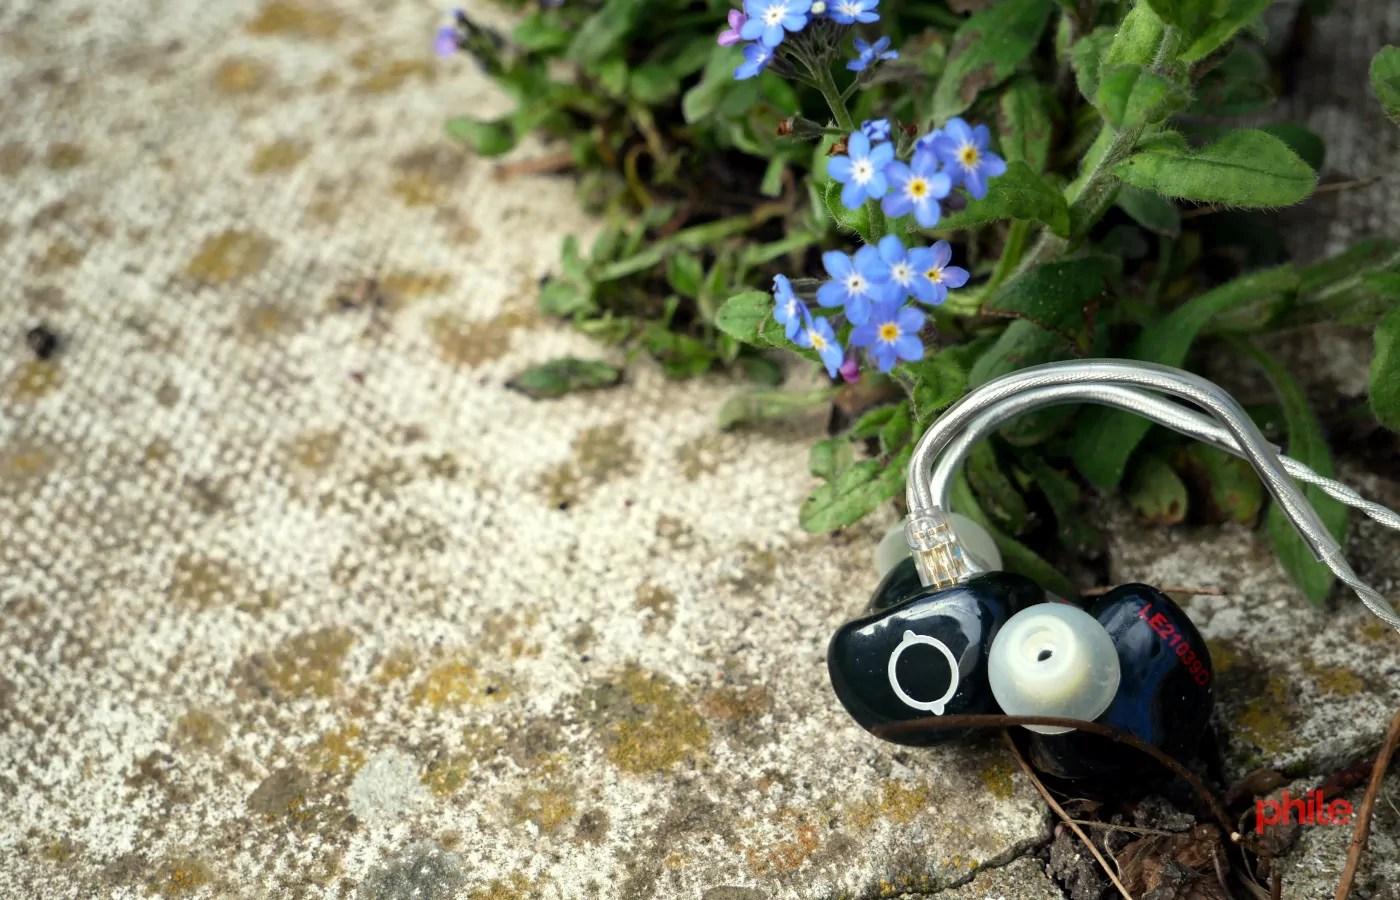 Lime Ears Lambda review